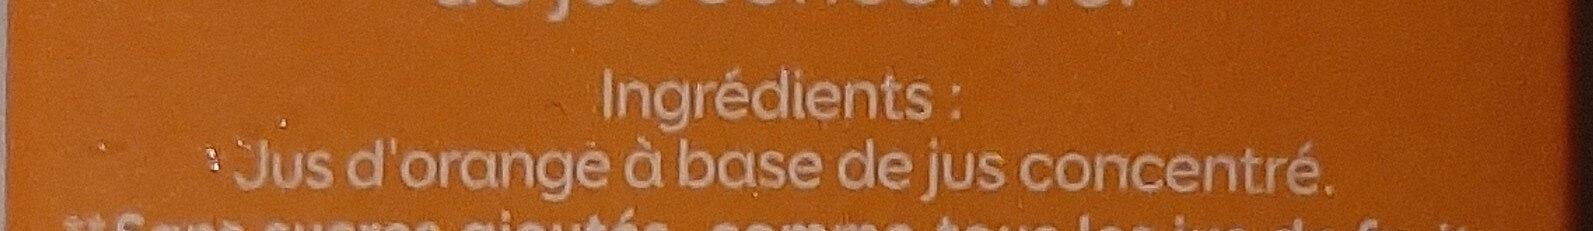 Bonjour teneur en fruits 100% orange - Ingrediënten - fr